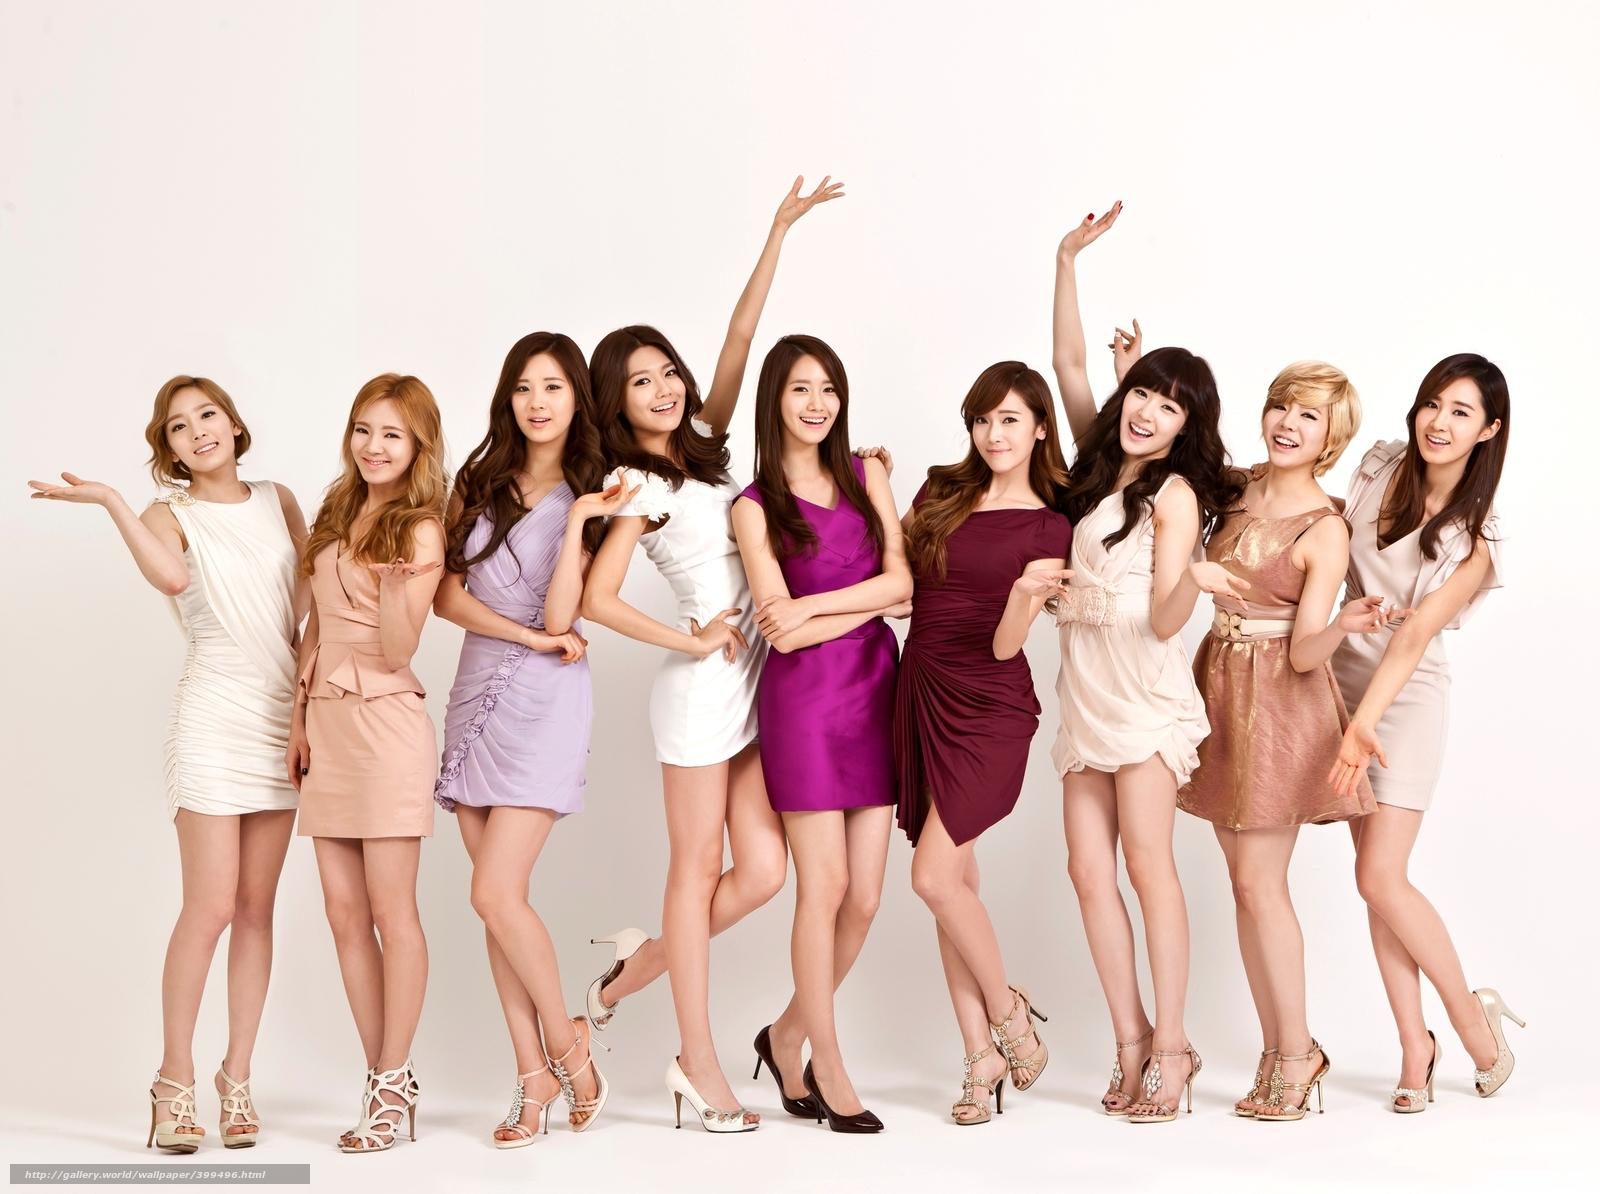 Фото компании девочек 10 фотография